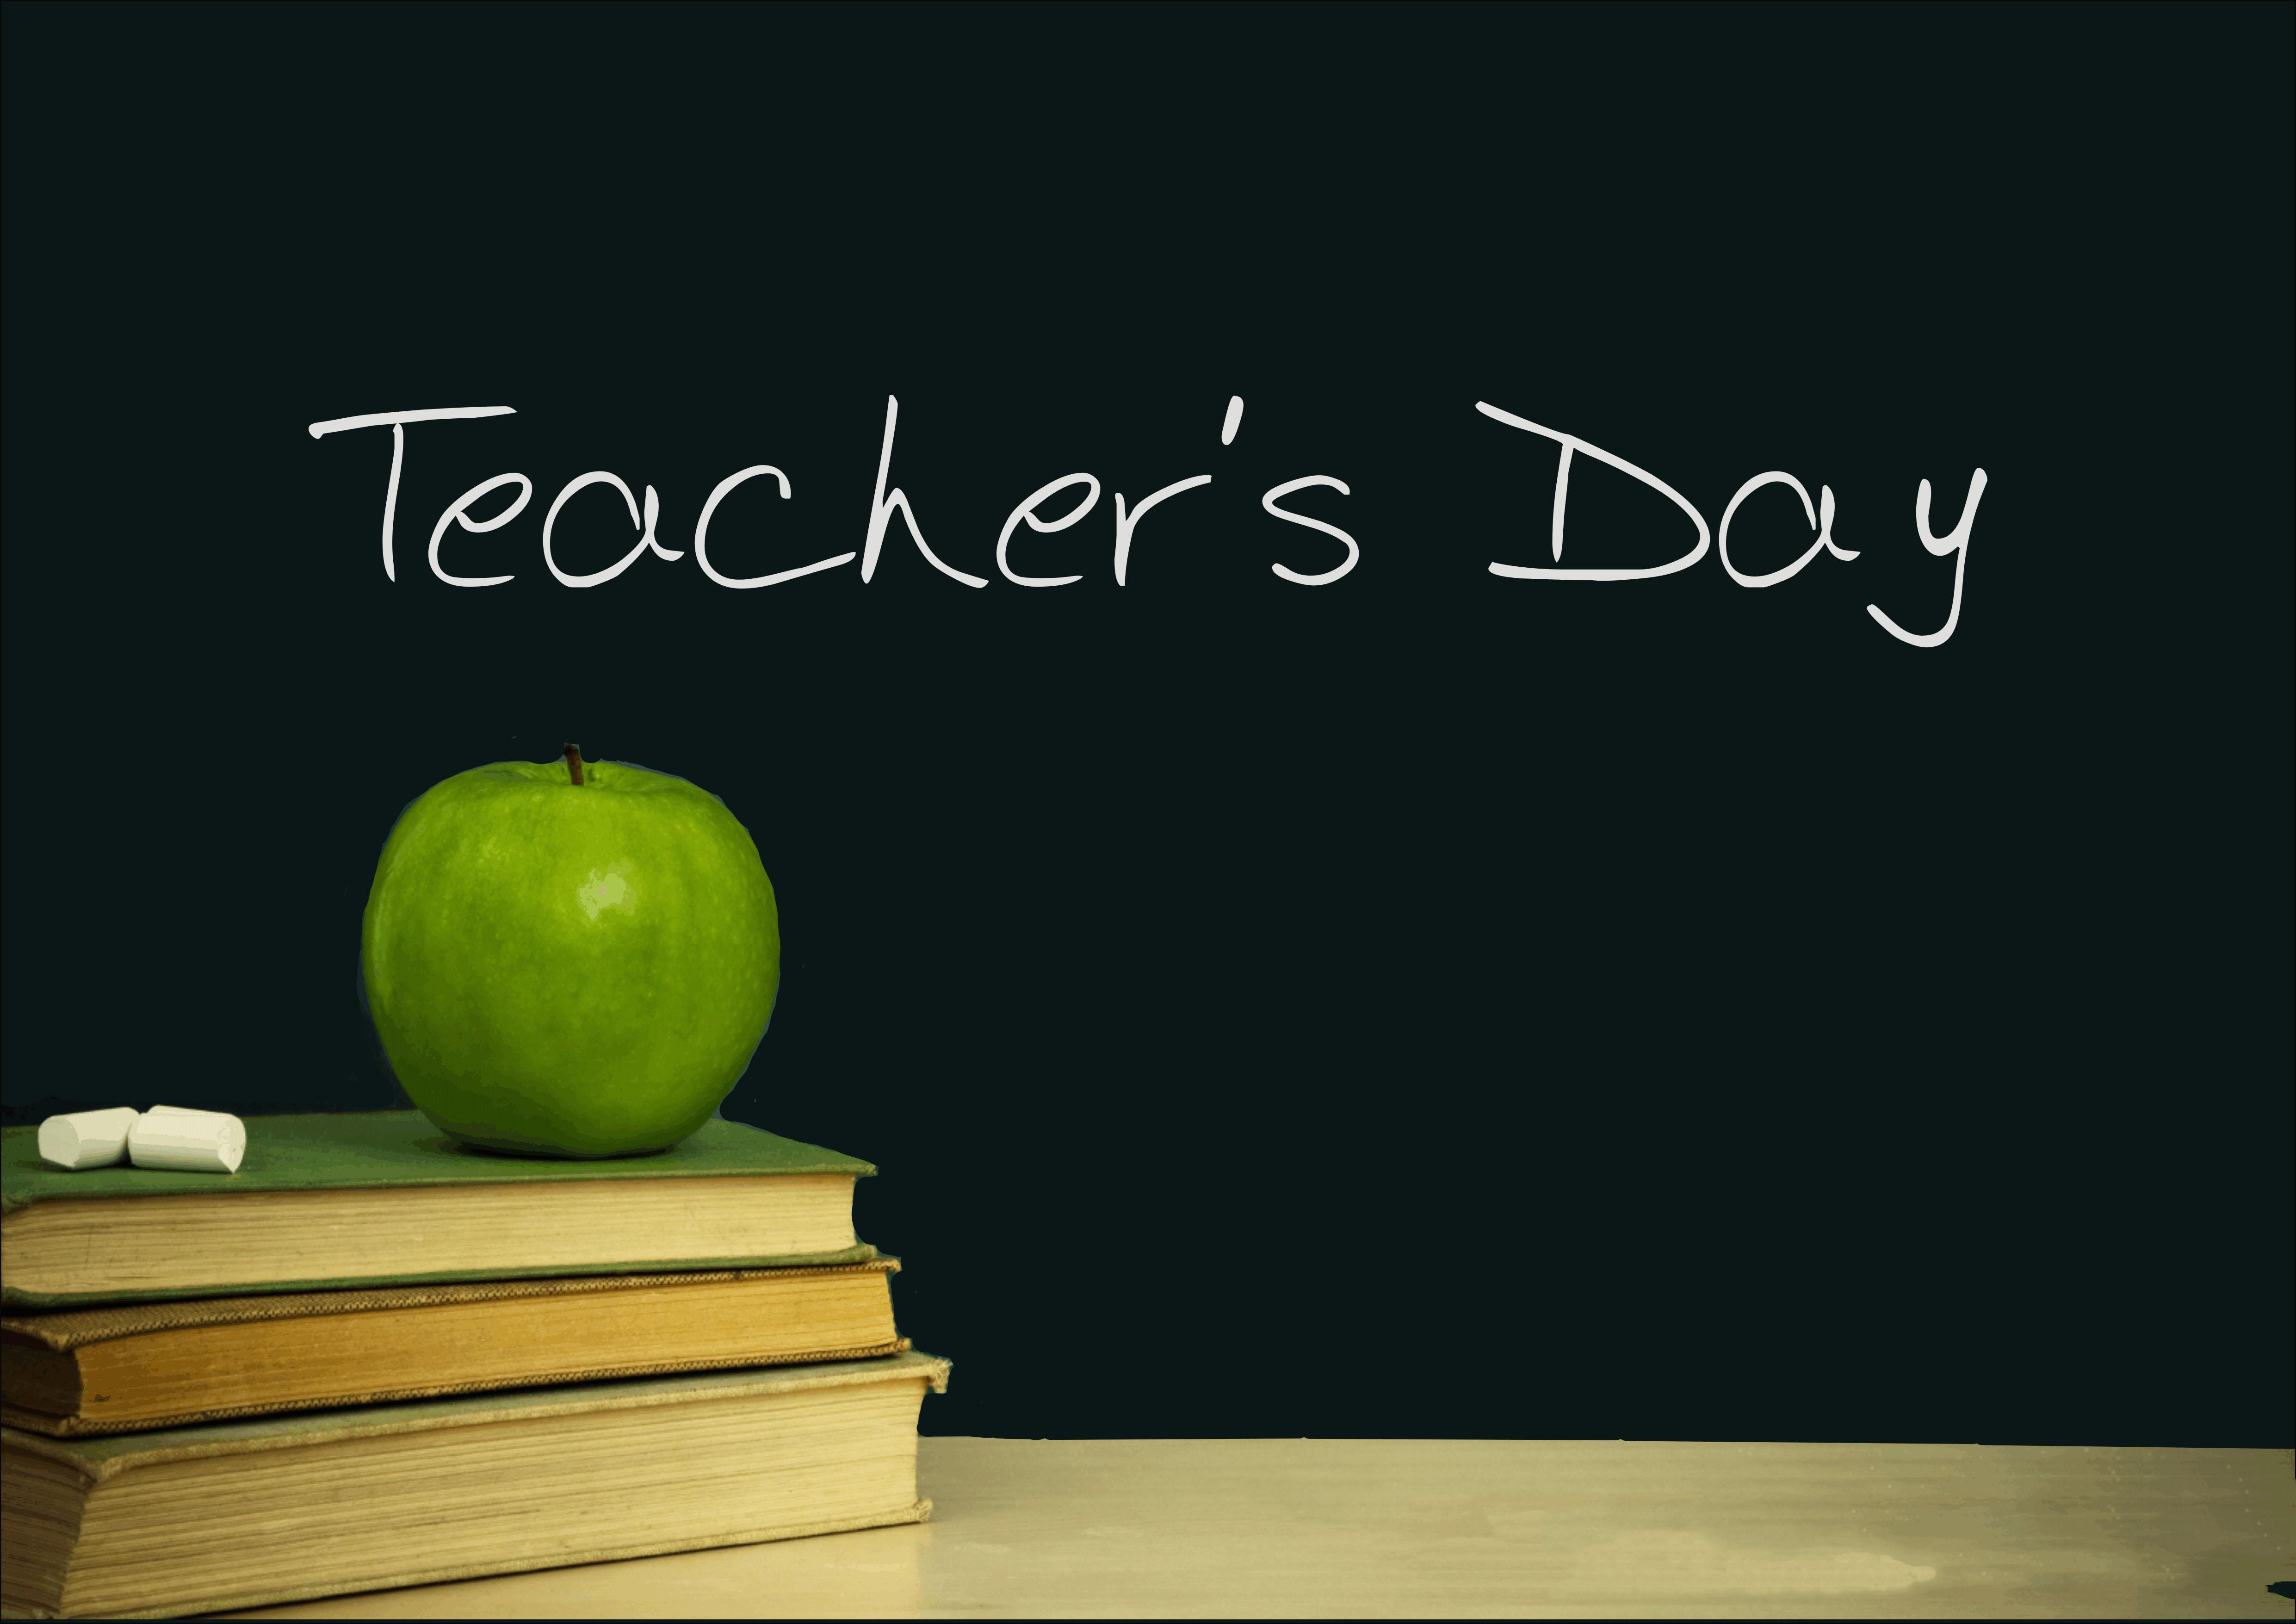 نمایشگاه دستاوردهای دانشجویان و اساتید در روز معلم